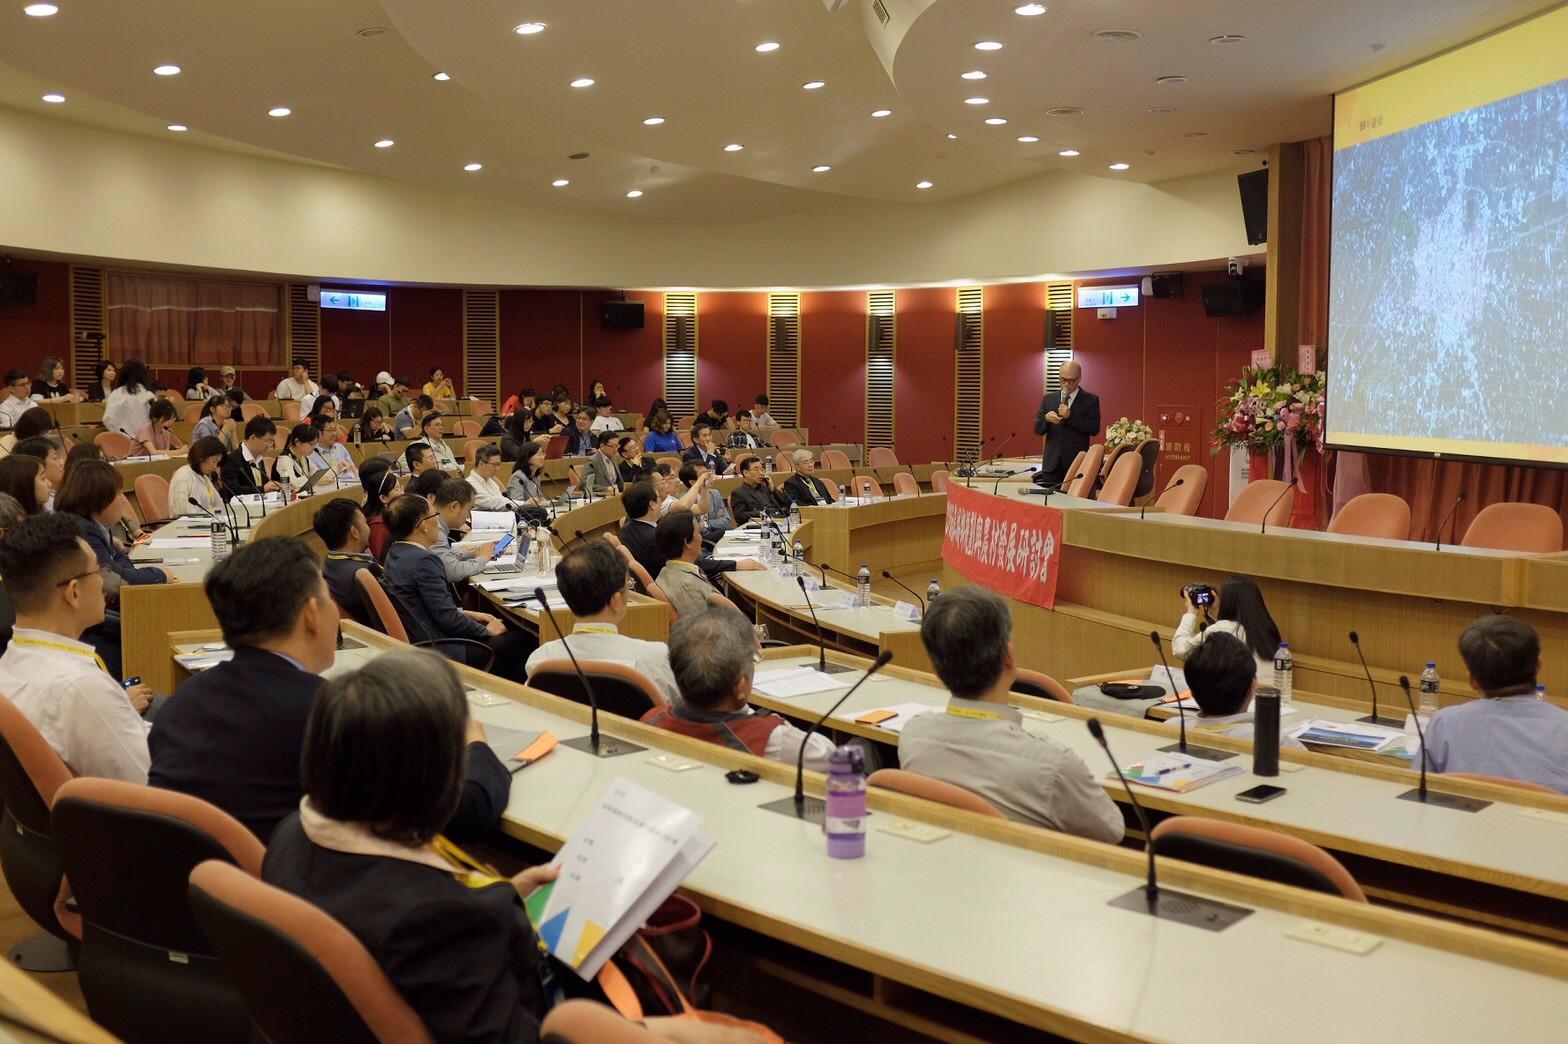 周志龍考試委員主講「農村新典範與規劃—台灣的試驗」